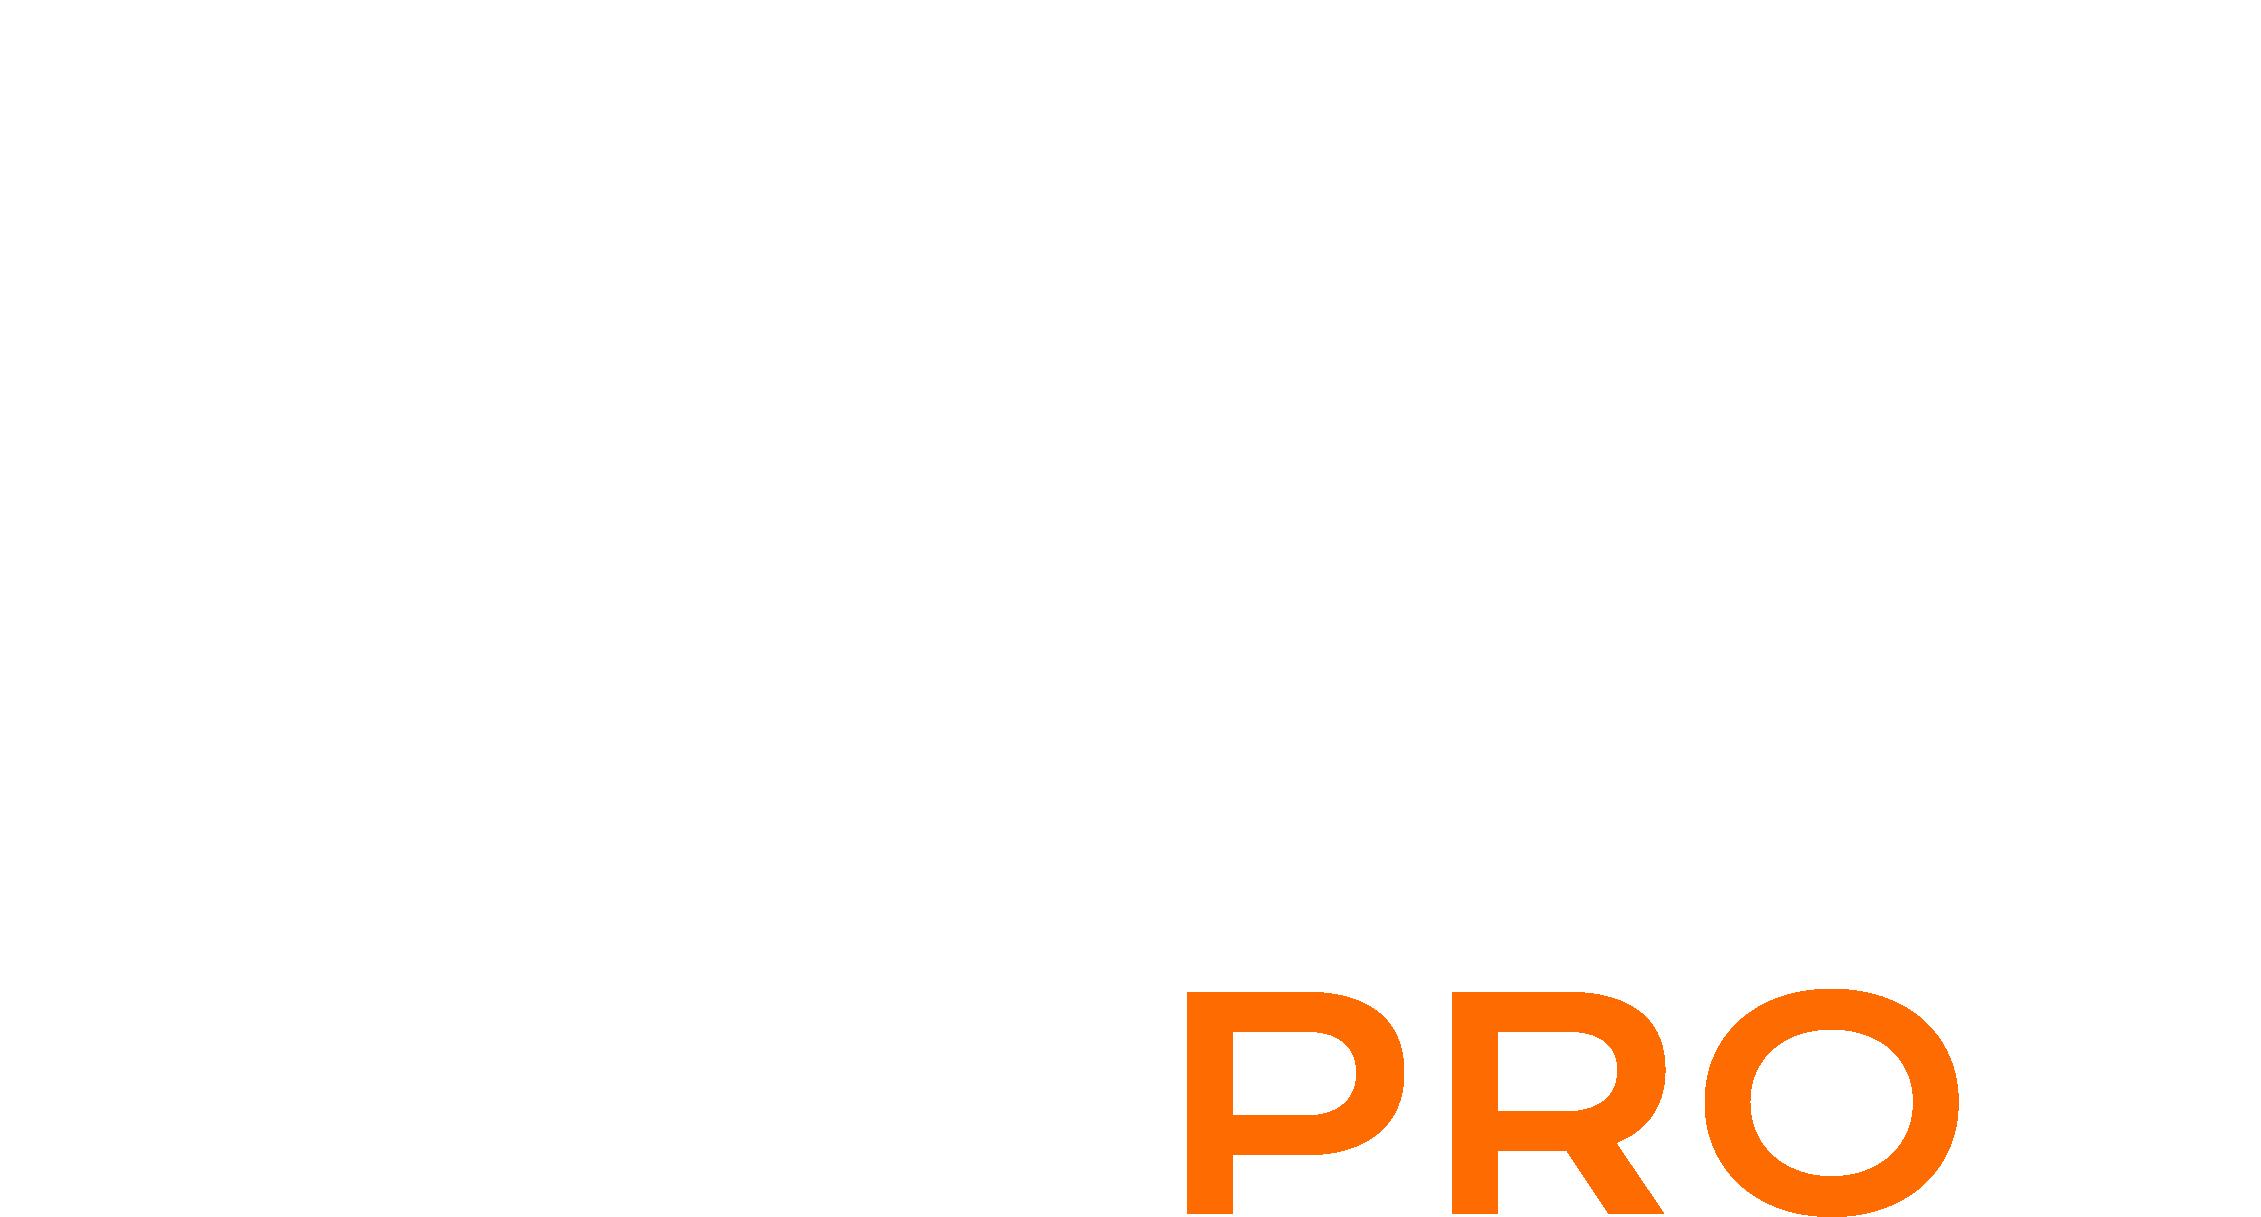 Ami Pro logo